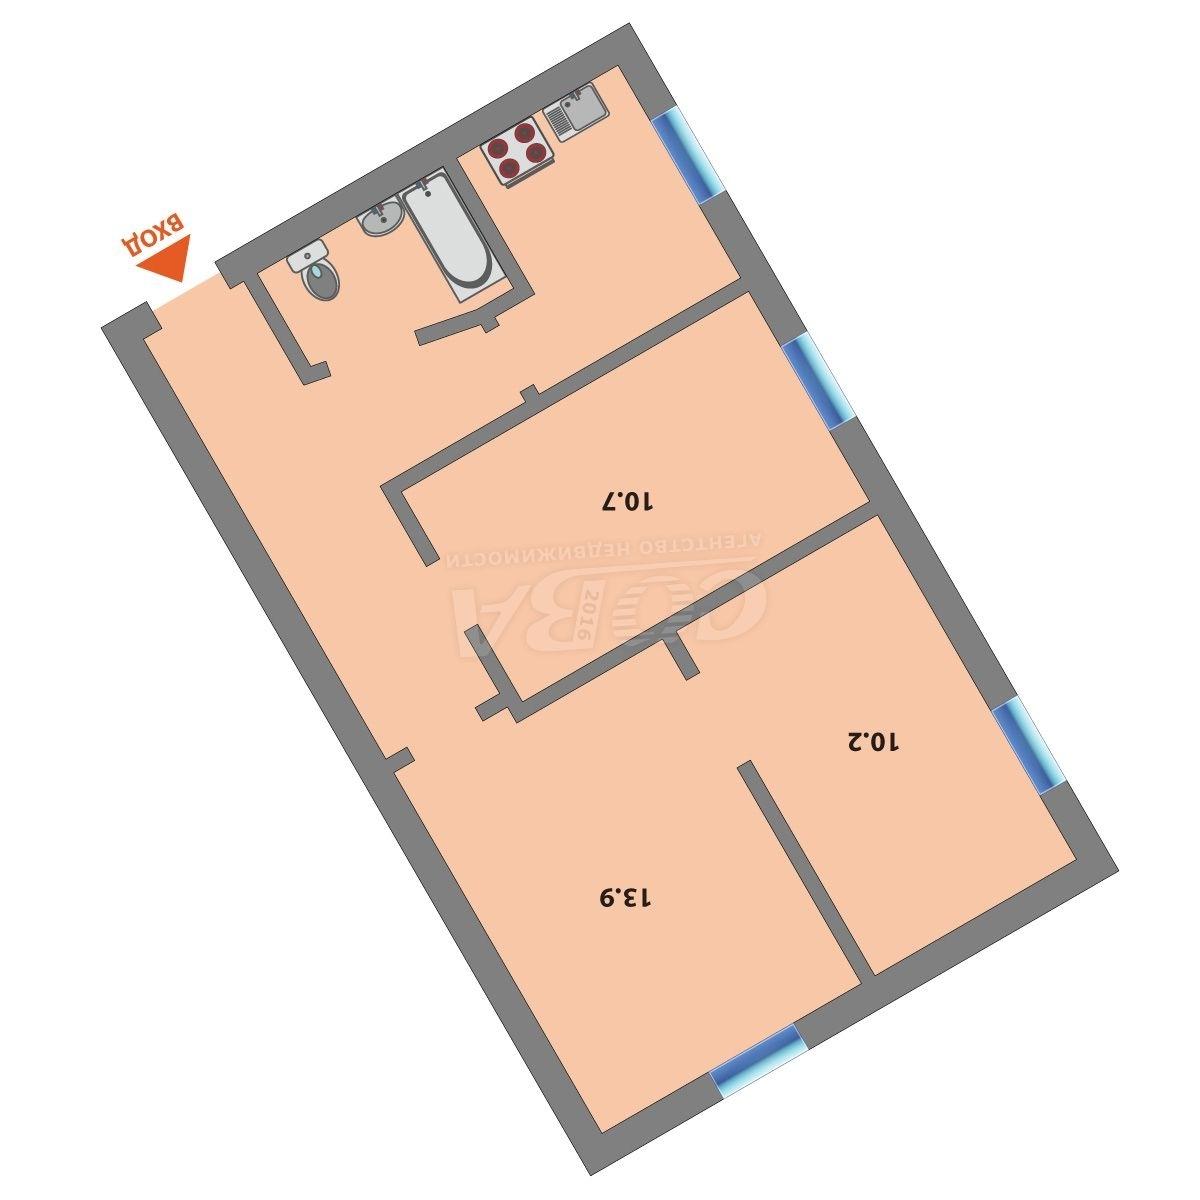 3 комнатная квартира  в районе Нефтегазового университета, ул. Холодильная, 51, г. Тюмень